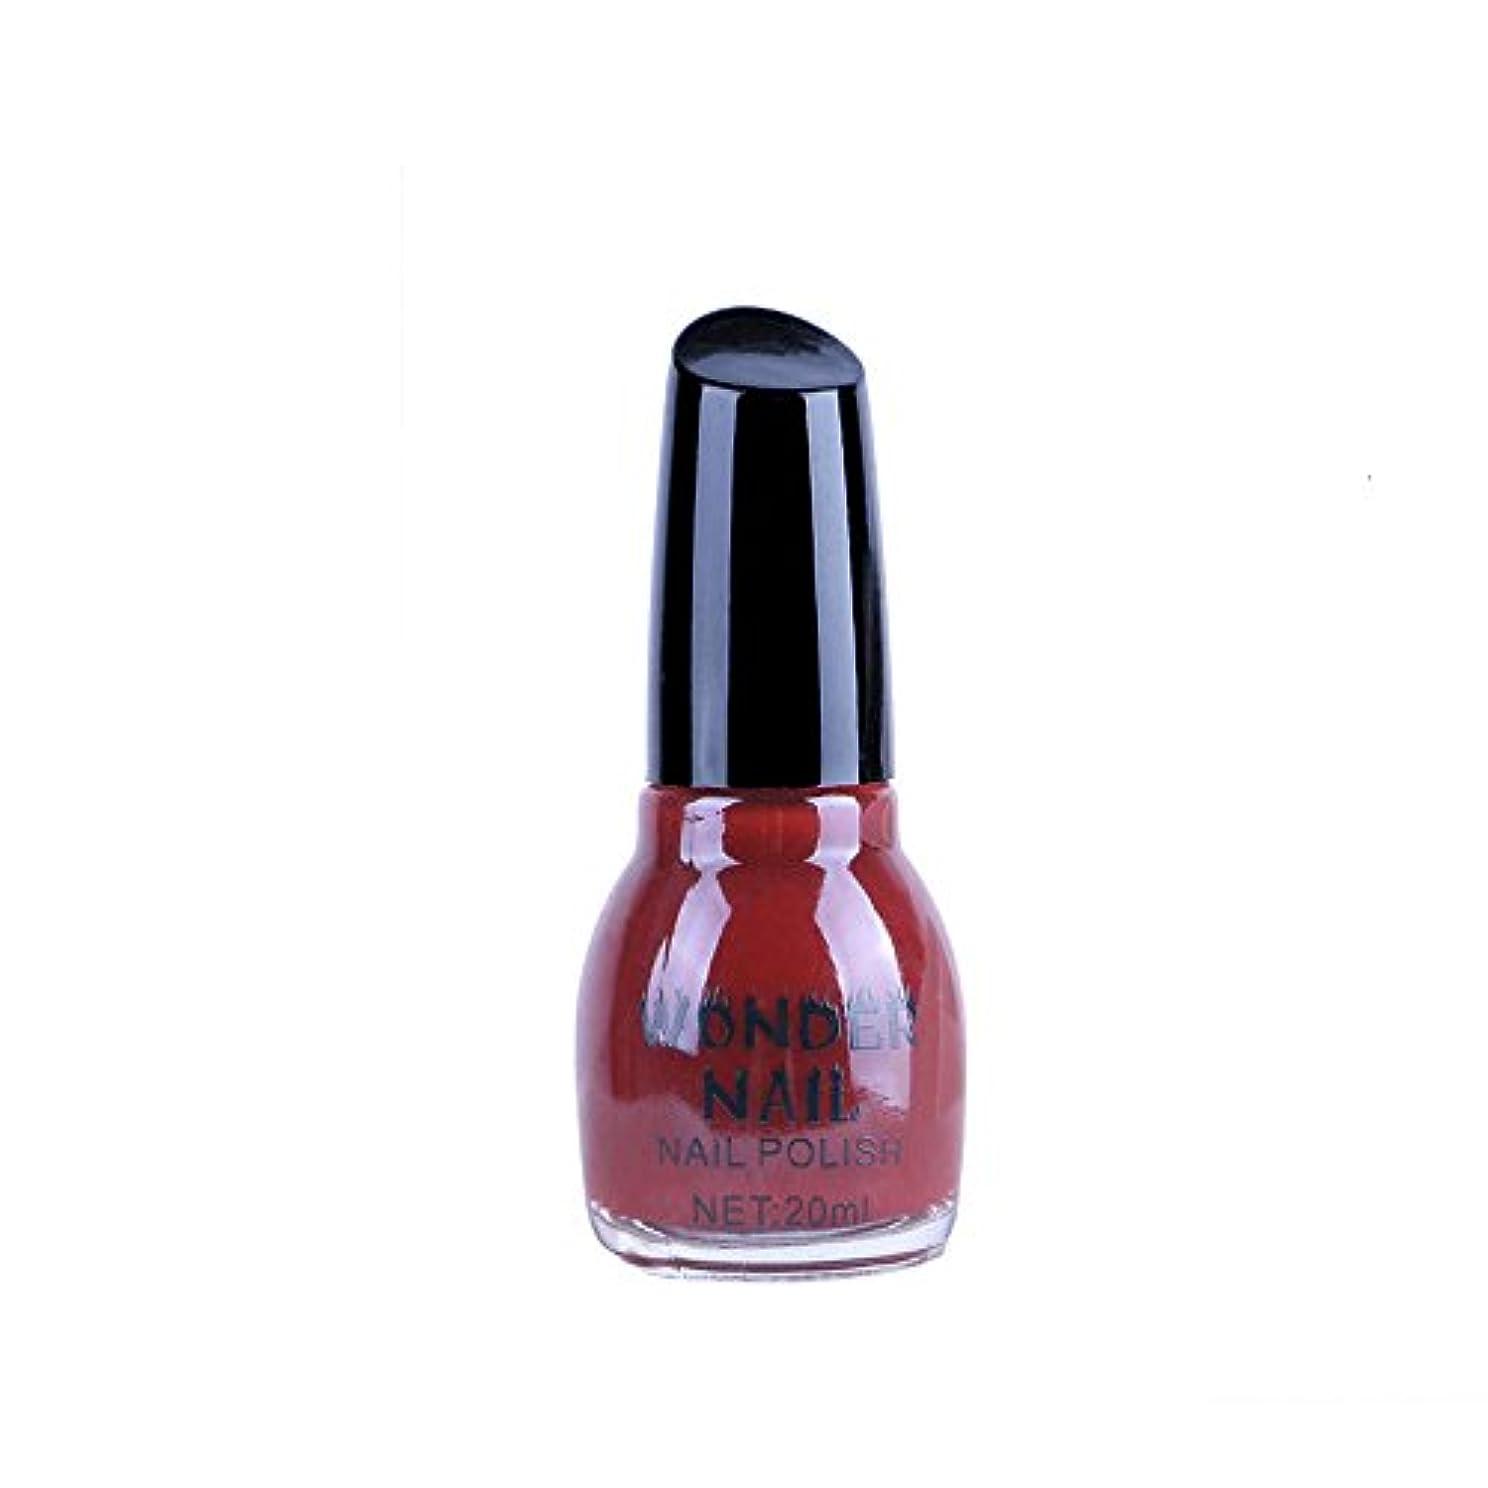 幸運な太陽 マニキュア ネイルカラー ネイルアート 化粧品 ポリッシュ 速乾性 ネイルポリッシュ カラー ネイルアート20ml 超薄型